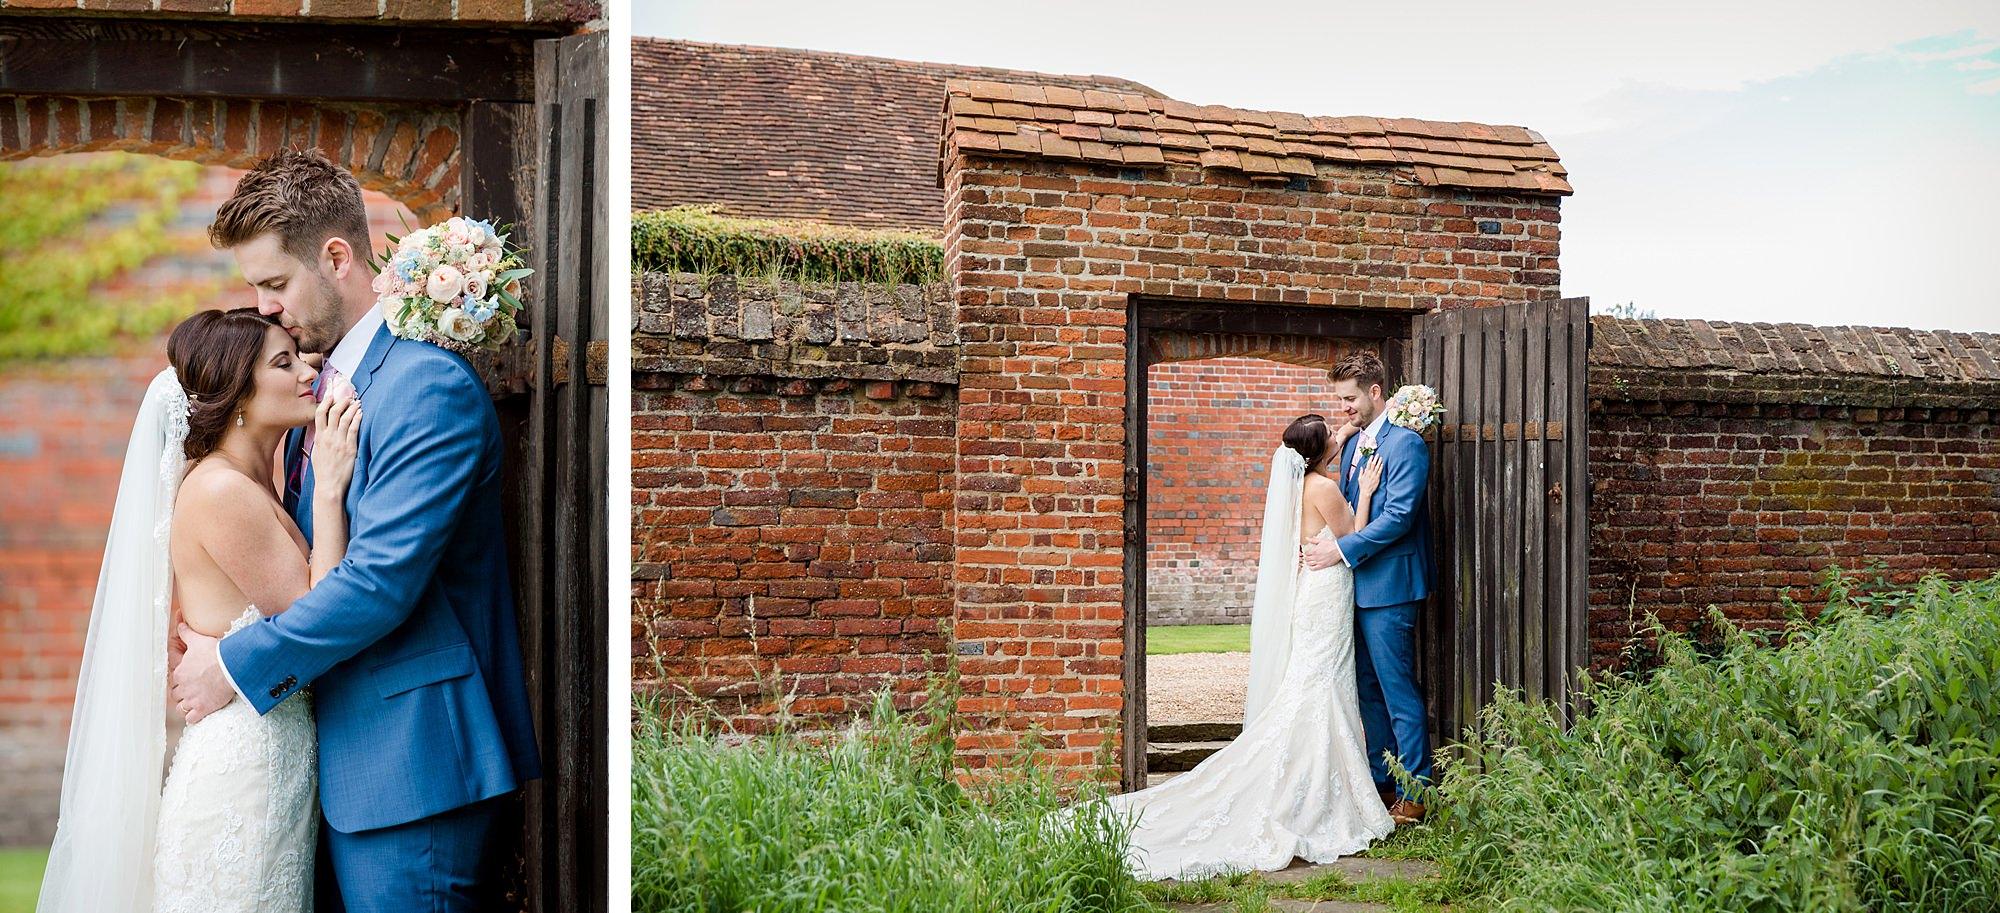 Lillibrooke Manor wedding bride and groom stand in rustic doorway